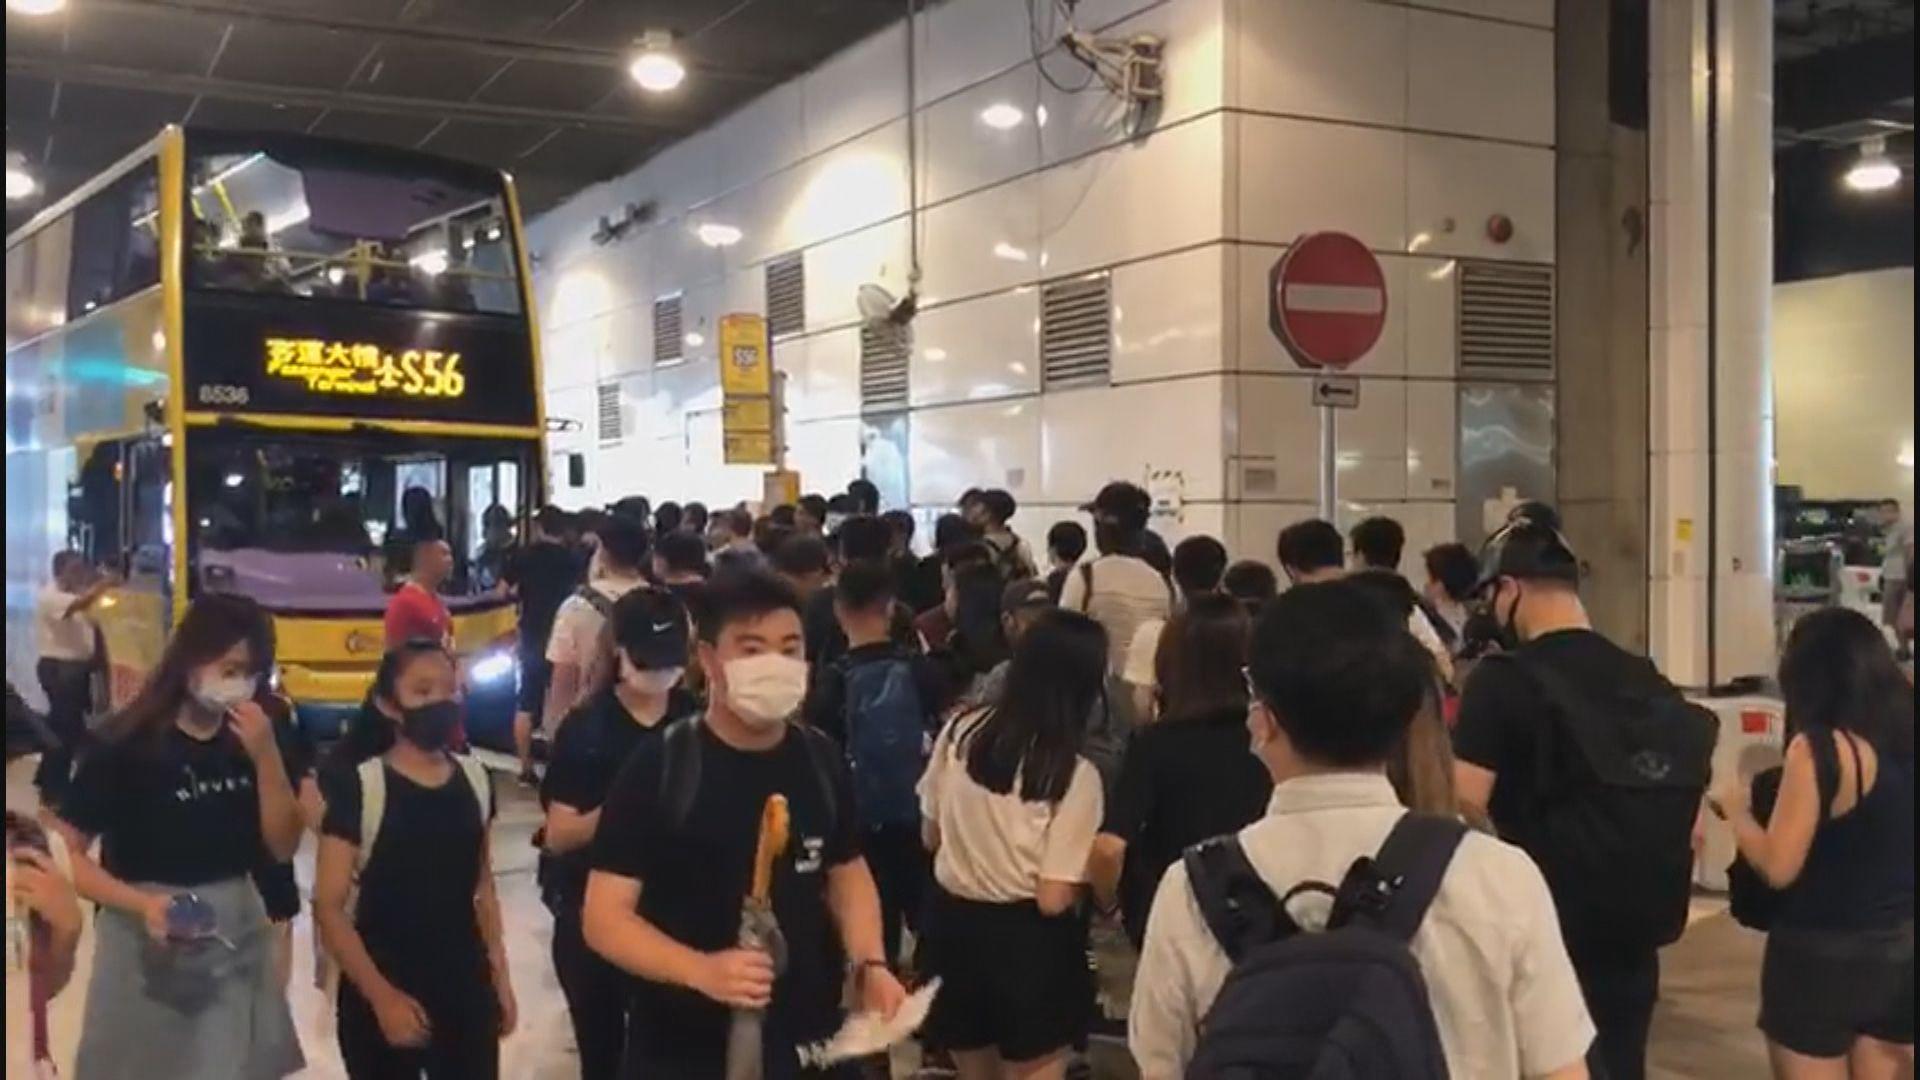 示威者聚集東涌站 S1巴士停駛